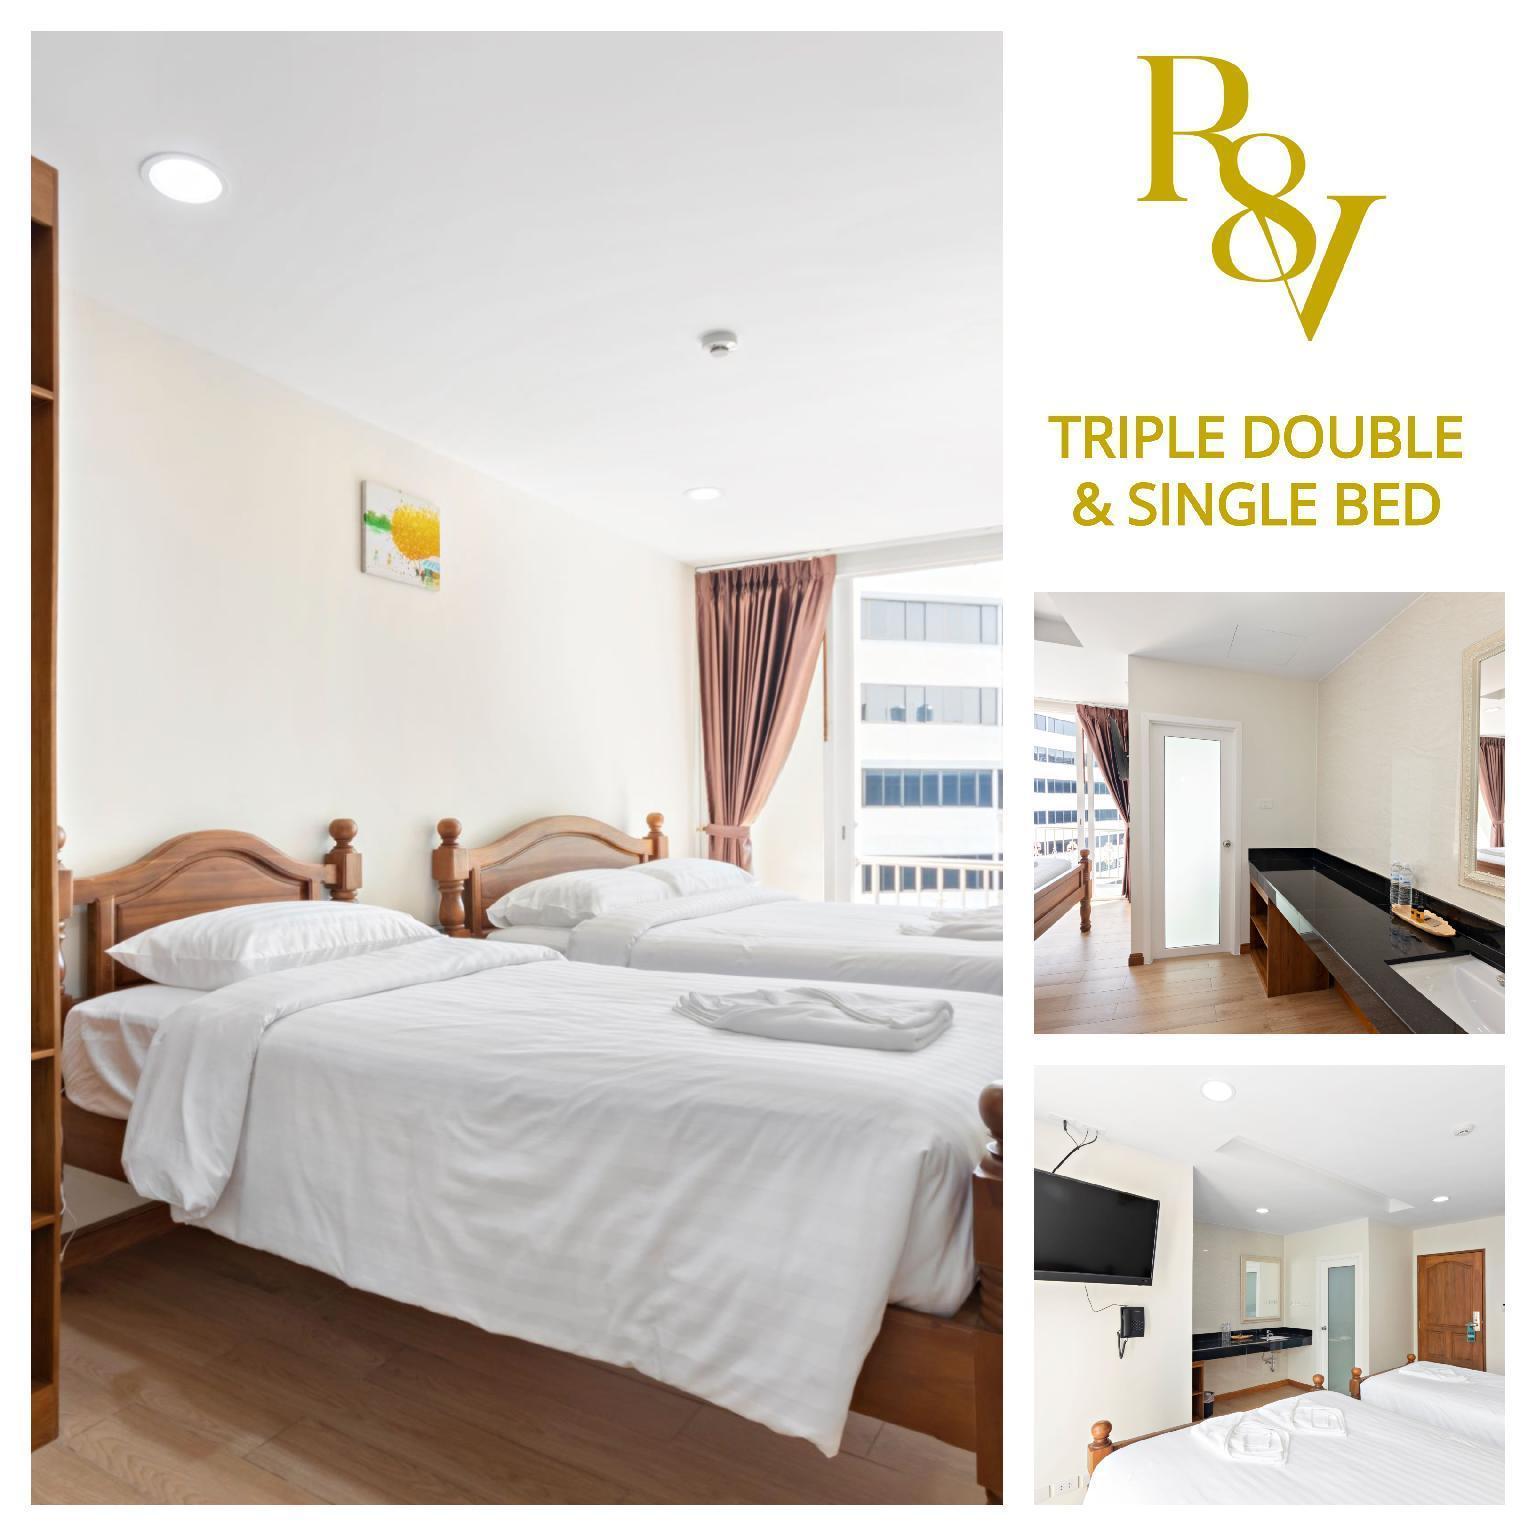 Triple Bed (TDB)-Royale 8 Ville อพาร์ตเมนต์ 2 ห้องนอน 2 ห้องน้ำส่วนตัว ขนาด 22 ตร.ม. – ข้าวสาร